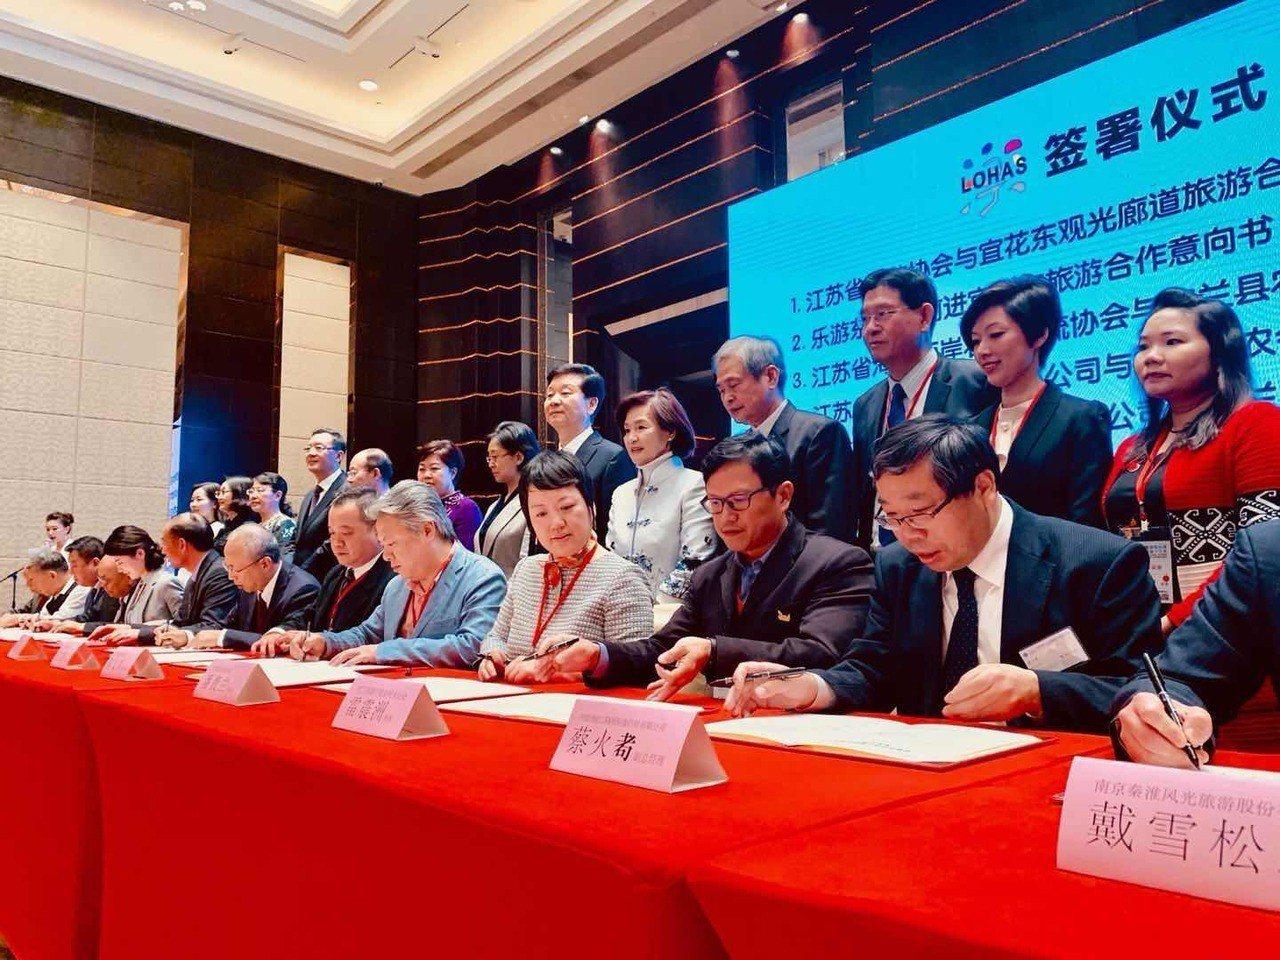 在推介會現場,總計有100多名南京觀光產業、通路商、各界代表等,宜蘭縣各業界代表...